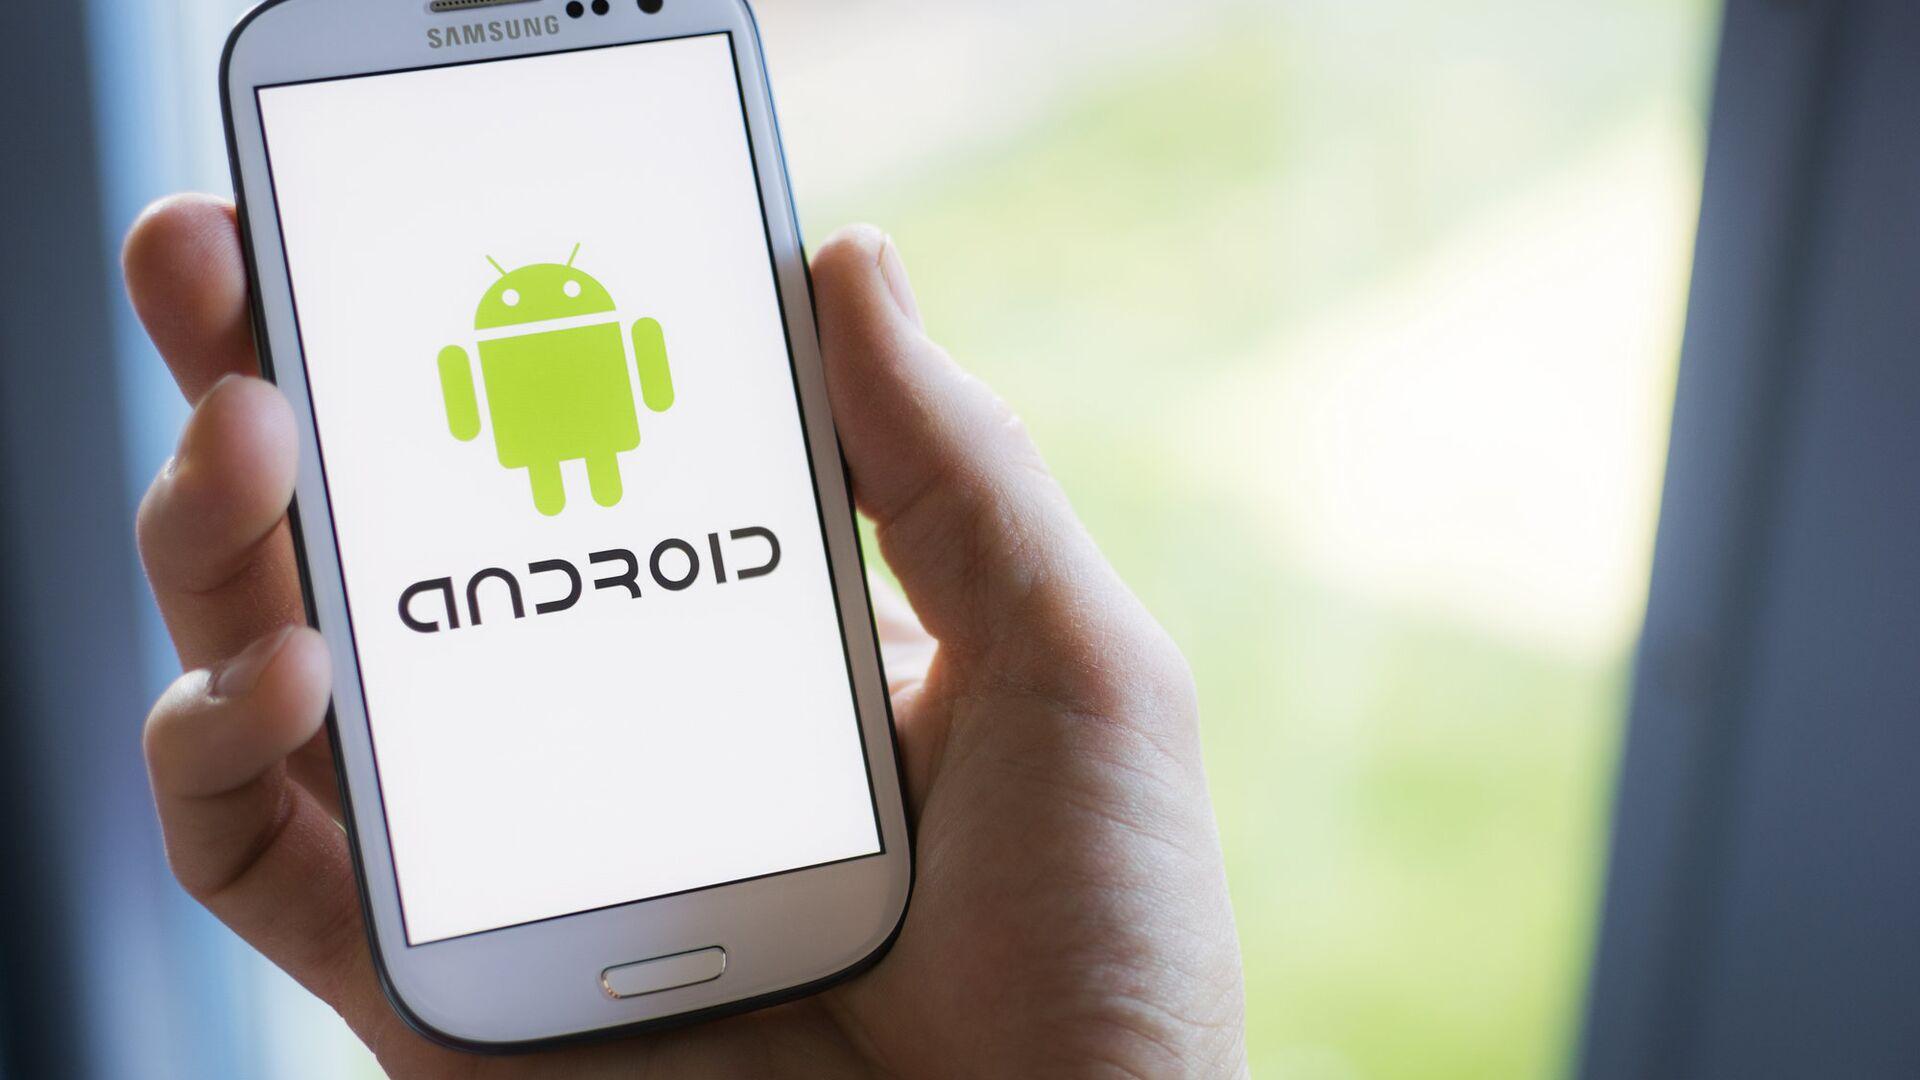 Операционная система Android мобильного телефона - РИА Новости, 1920, 22.12.2020